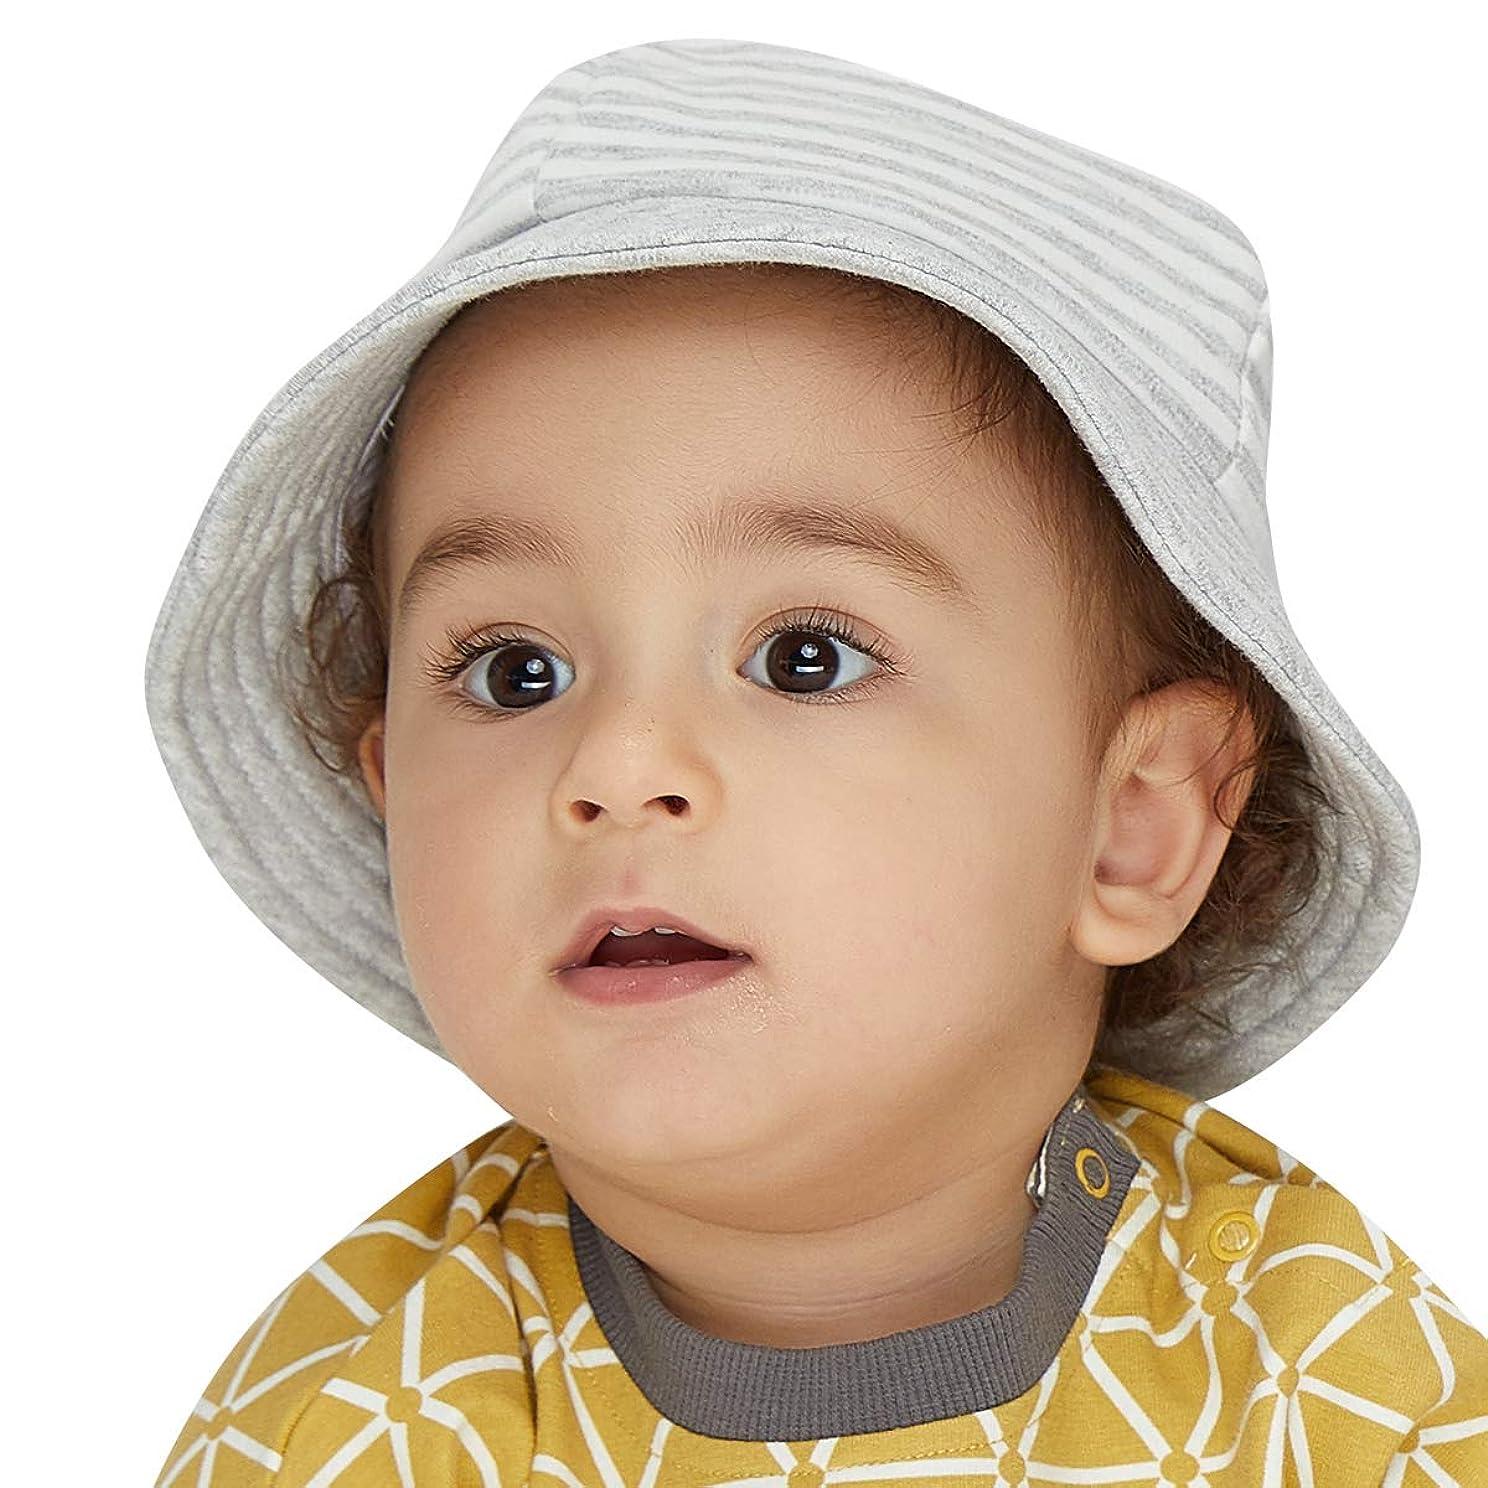 シミュレートする珍味湿度LETTAS(レッタス) ベビー 帽子 赤ちゃんキッズ ハット 女の子 男の子 つば広 日よけ 綿 サファリハット チューリップハット 春 夏 お出かけ (グレー, 38-42cm(新生児~1才))